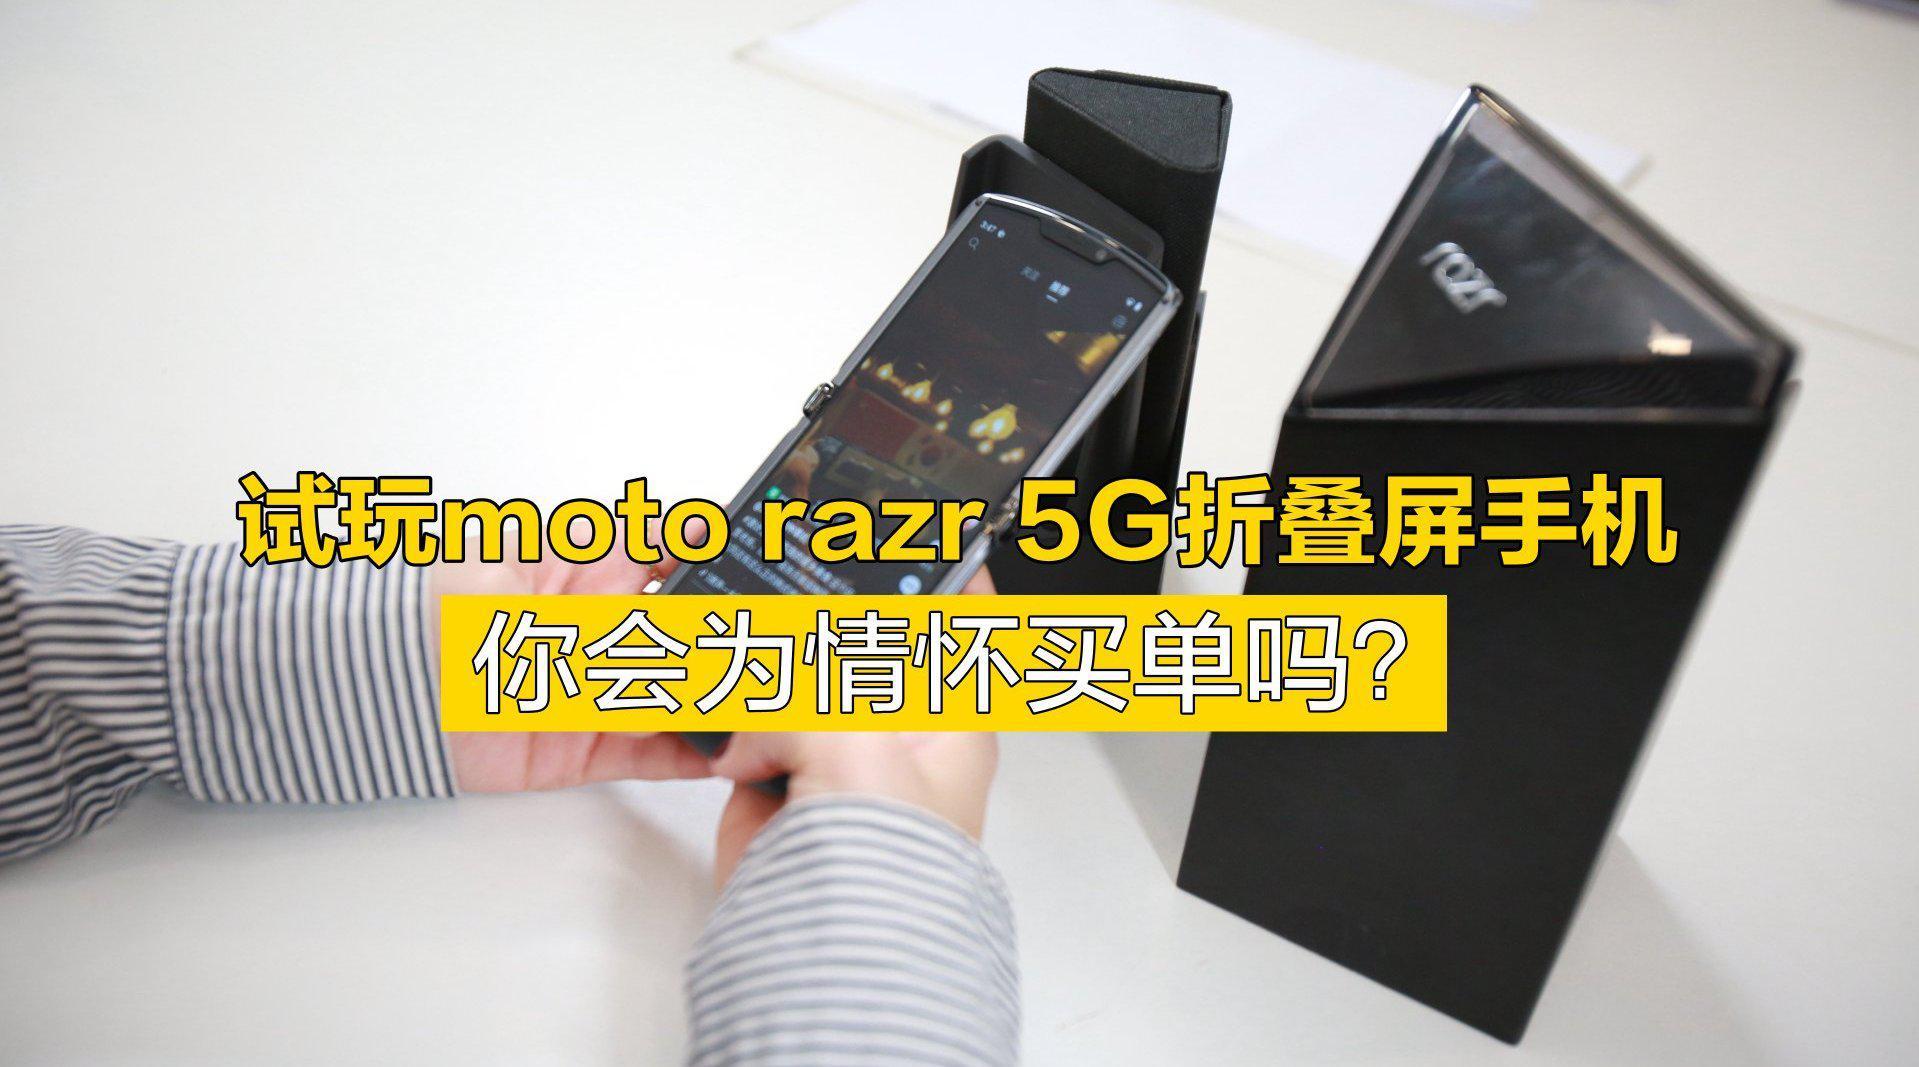 试玩moto razr 5G折叠屏手机,你会为情怀买单吗?